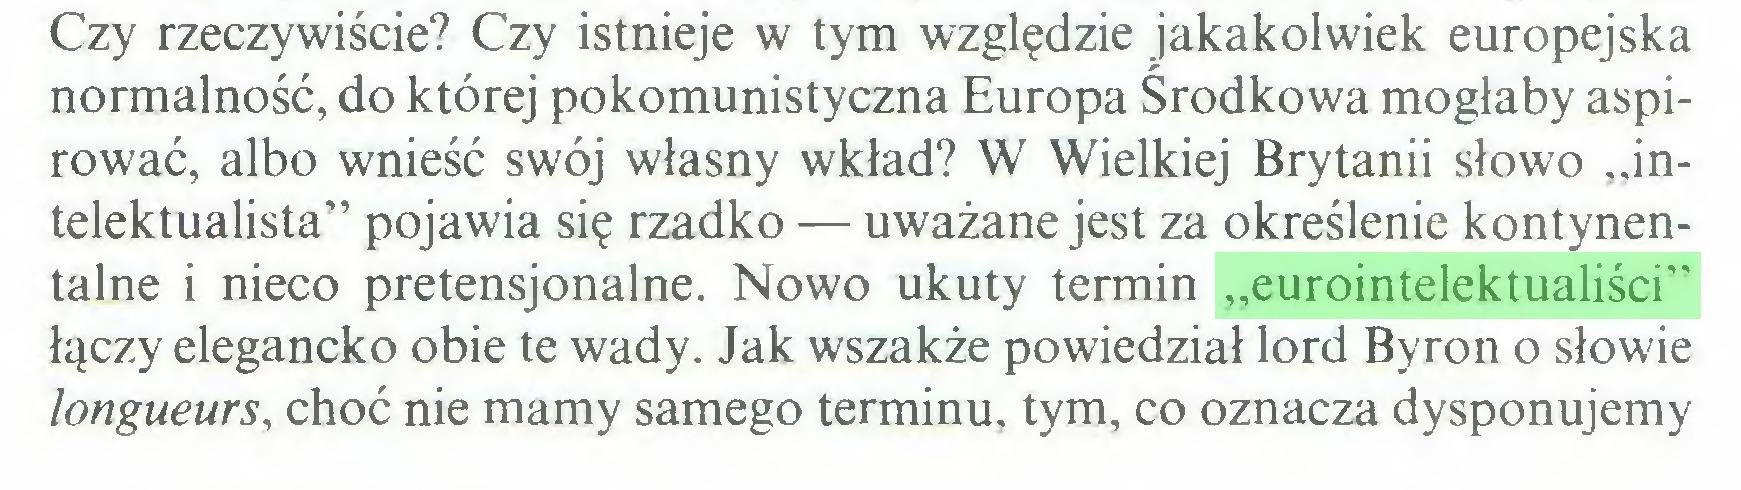 """(...) Czy rzeczywiście? Czy istnieje w tym względzie jakakolwiek europejska normalność, do której pokomunistyczna Europa Środkowa mogłaby aspirować, albo wnieść swój własny wkład? W Wielkiej Brytanii słowo """"intelektualista"""" pojawia się rzadko — uważane jest za określenie kontynentalne i nieco pretensjonalne. Nowo ukuty termin """"eurointelektualiści"""" łączy elegancko obie te wady. Jak wszakże powiedział lord Byron o słowie longueurs, choć nie mamy samego terminu, tym, co oznacza dysponujemy..."""